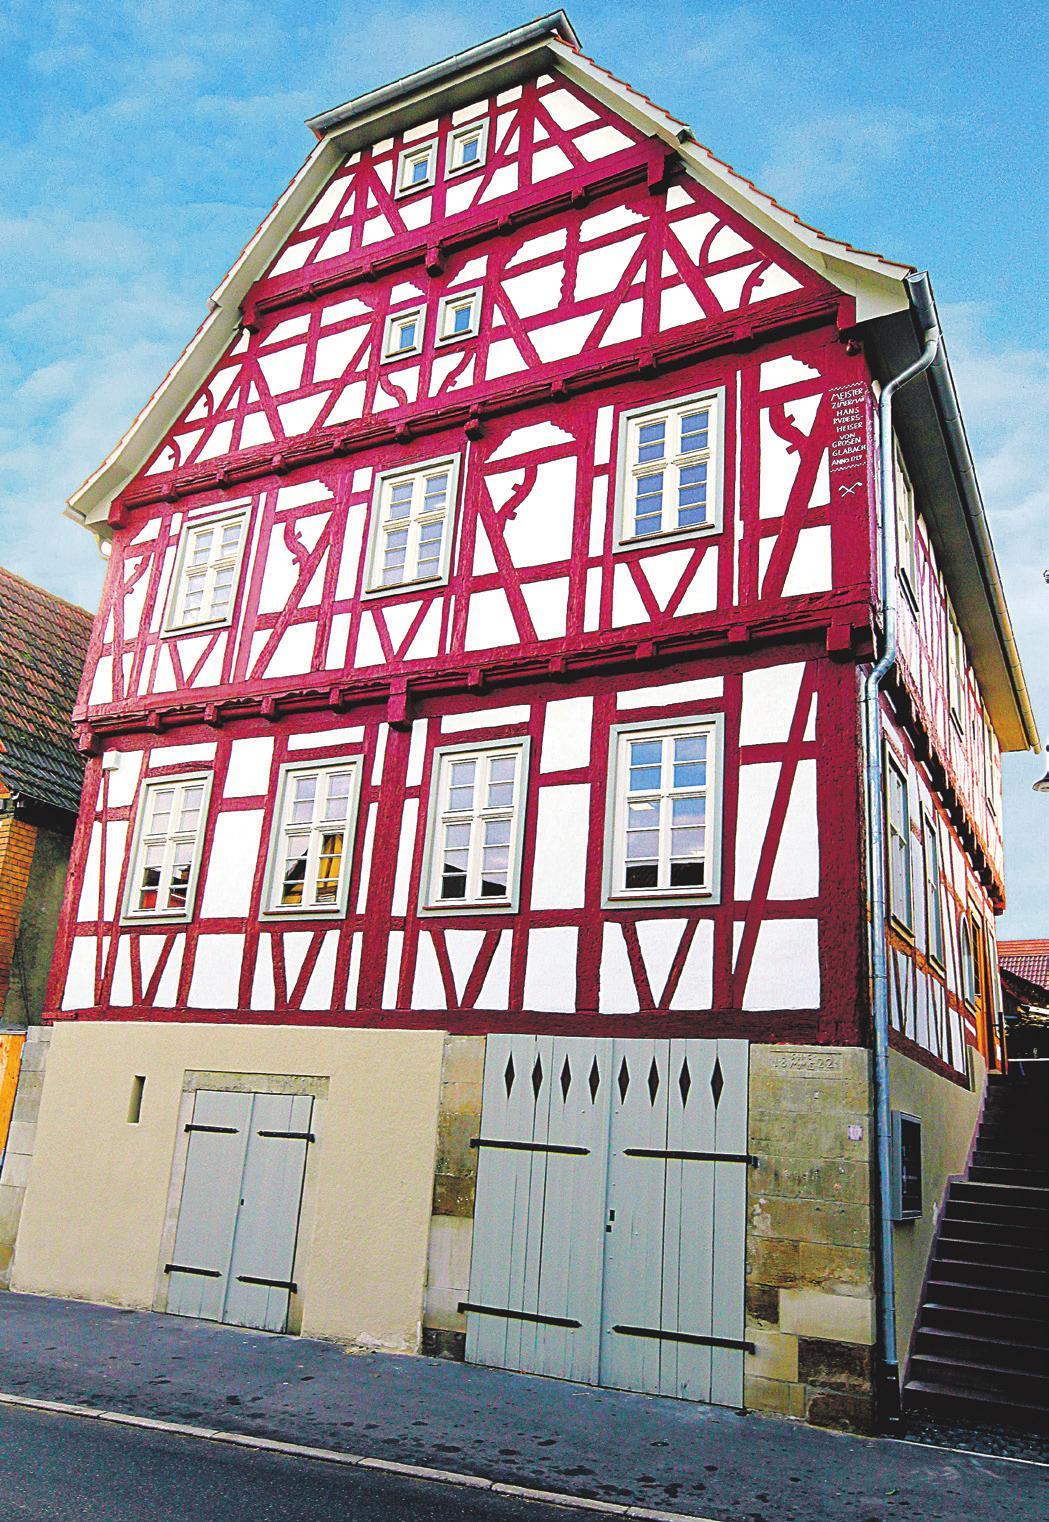 Dank zeitgemäßer Handwerkskunst erstrahlt das 300 Jahre alte Lienzinger Rathausgebäude heute in neuem Glanz. Fotos: Kollros